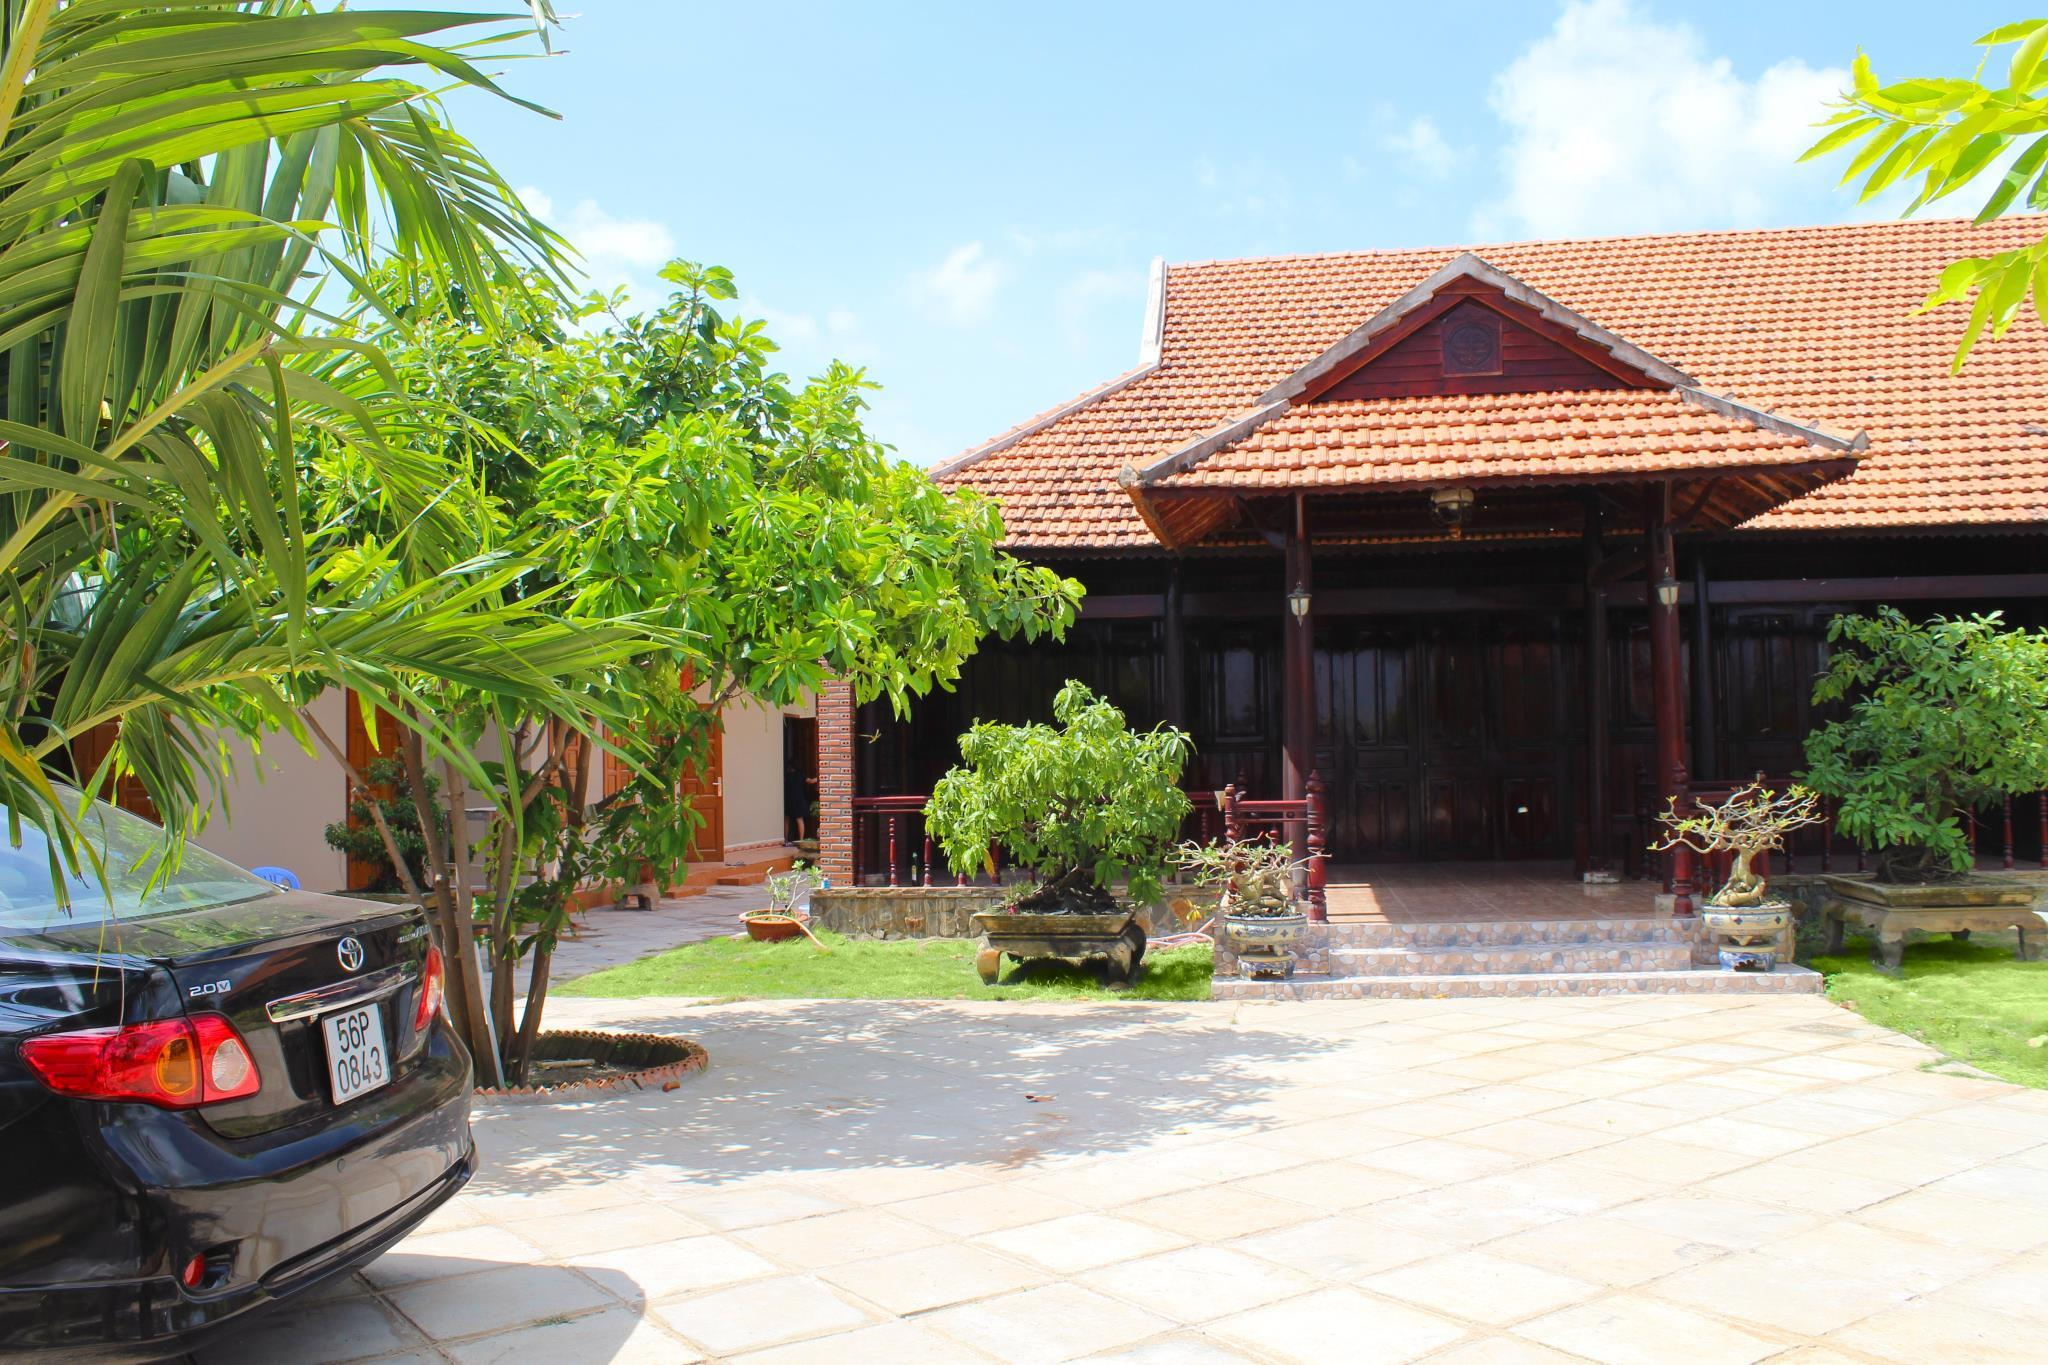 Ho Tram Garden Guesthouse